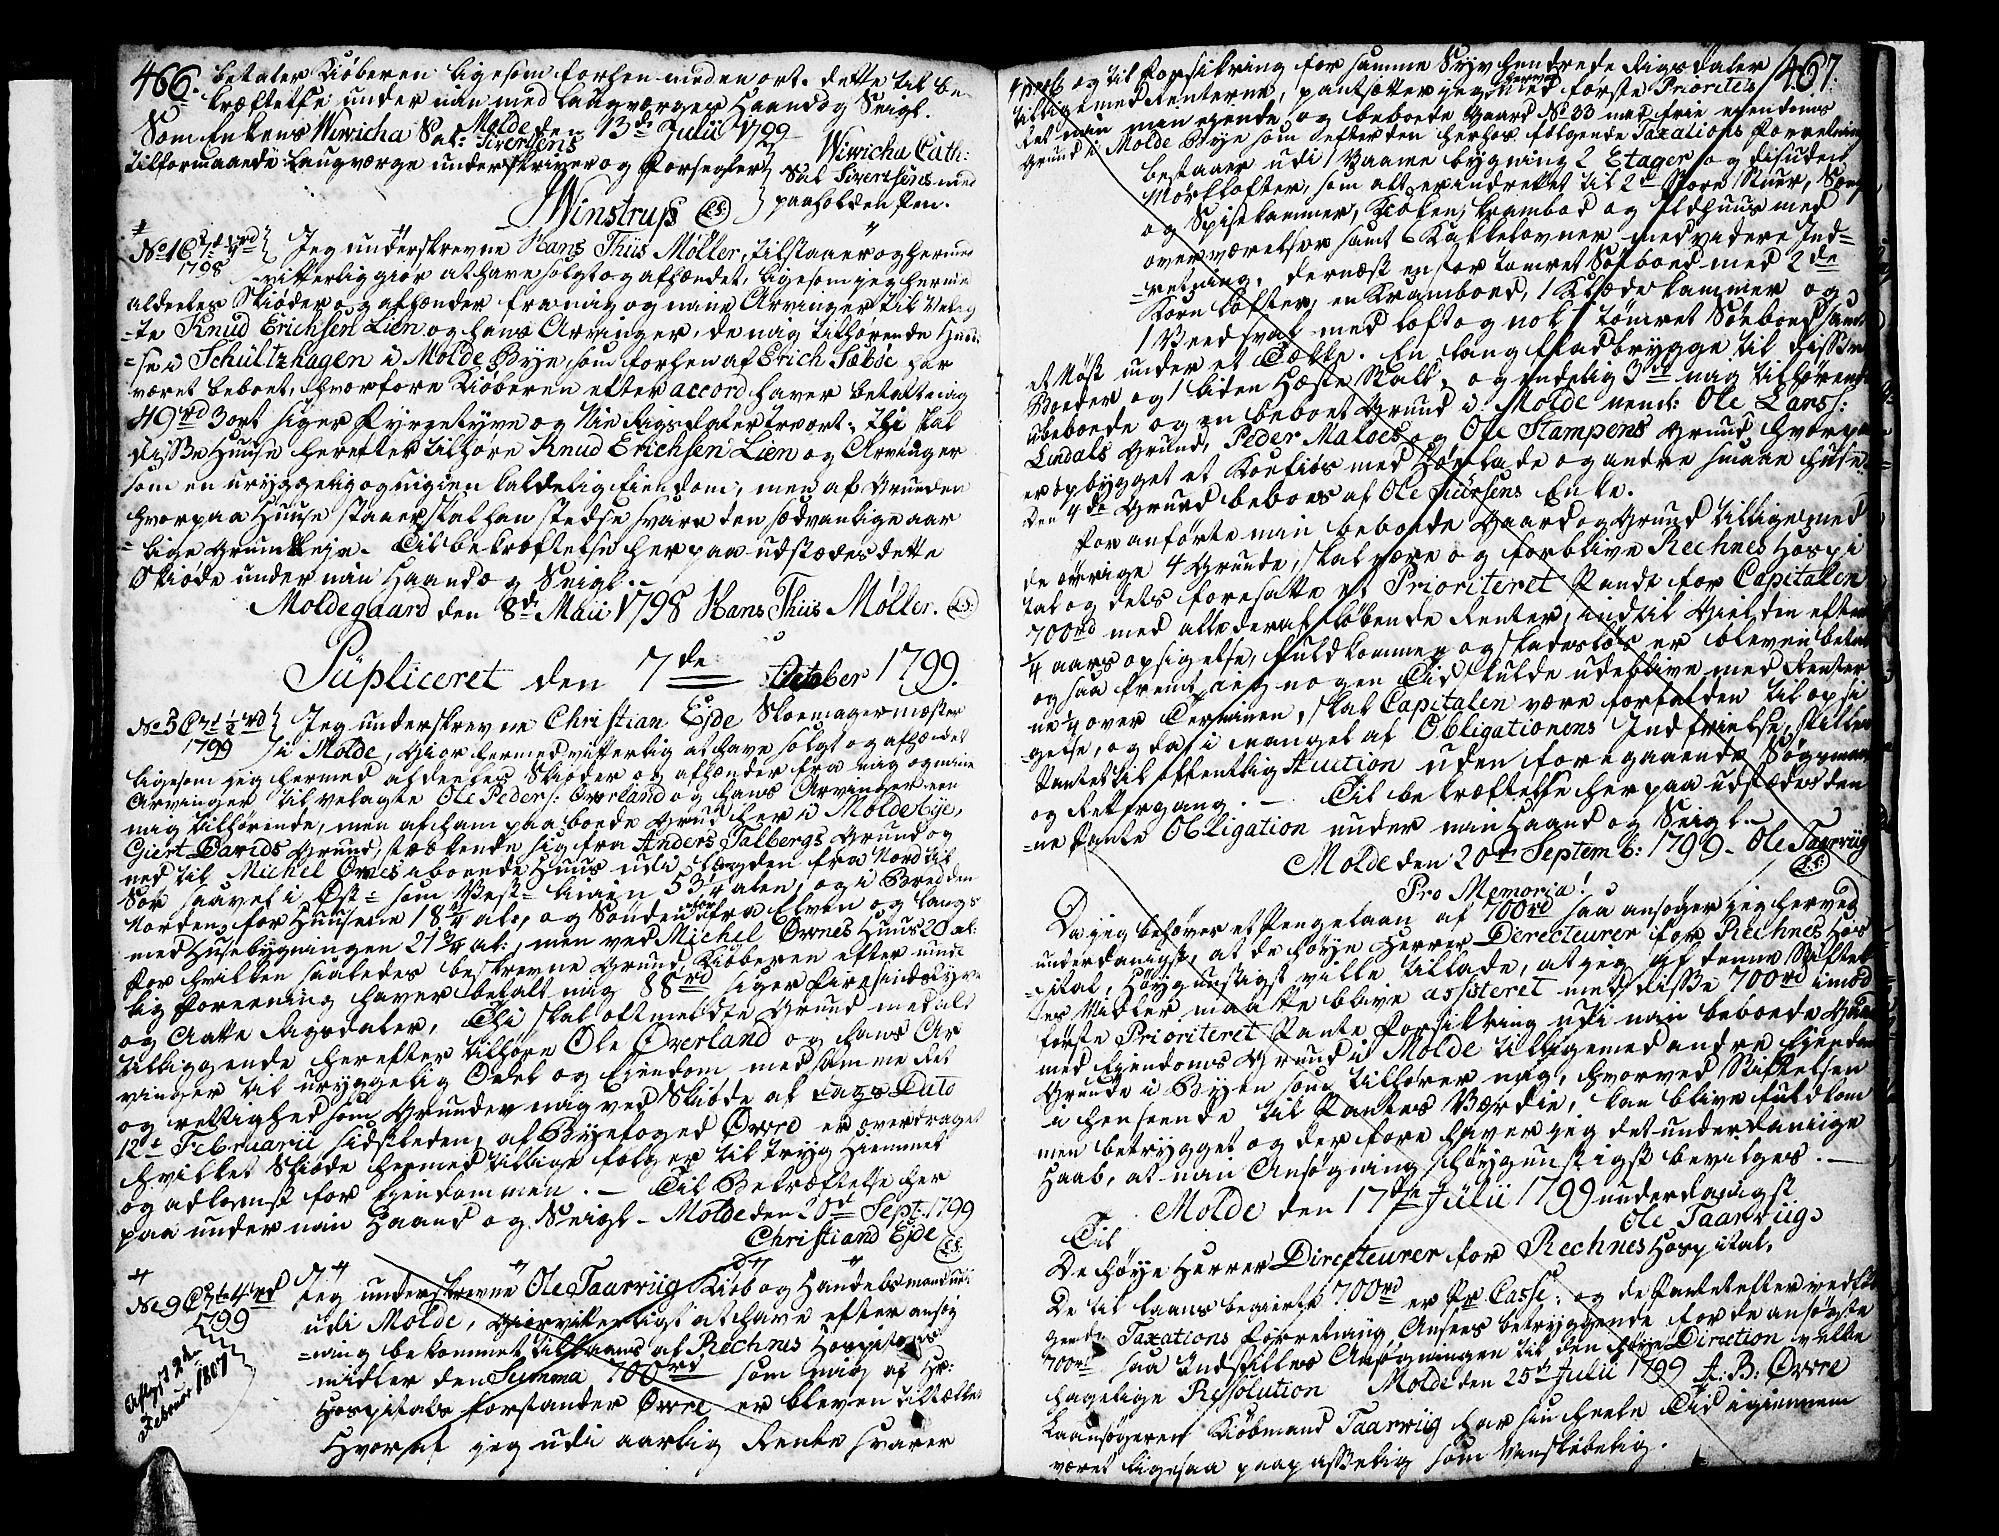 SAT, Molde byfogd, 2/2C/L0001: Pantebok nr. 1, 1748-1823, s. 466-467